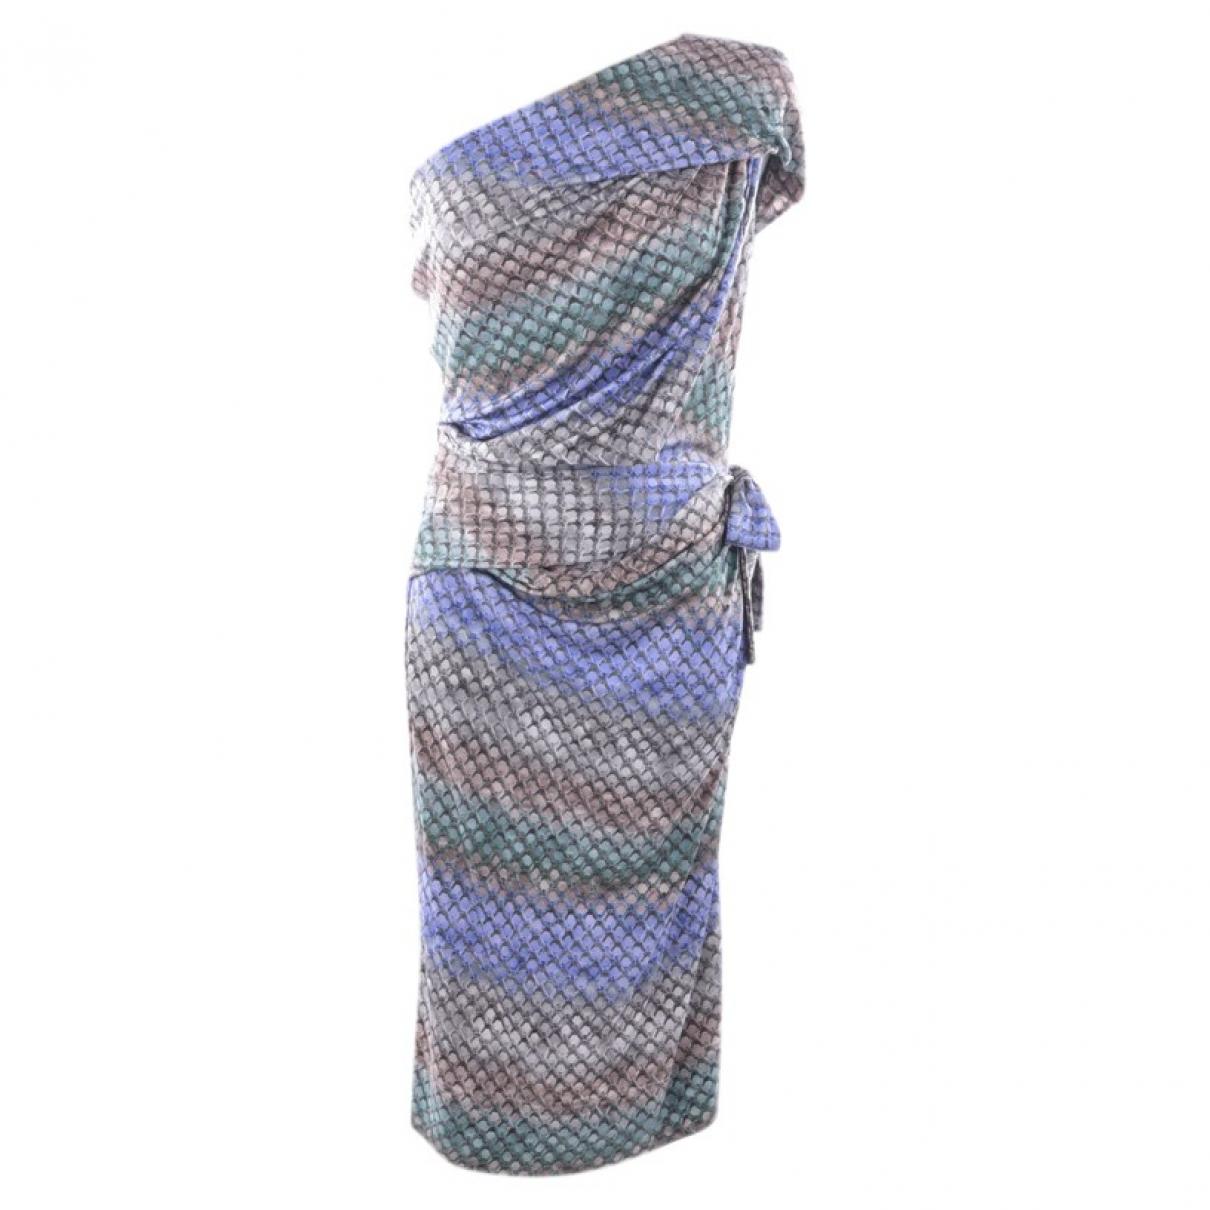 Peter Pilotto - Robe   pour femme en soie - gris